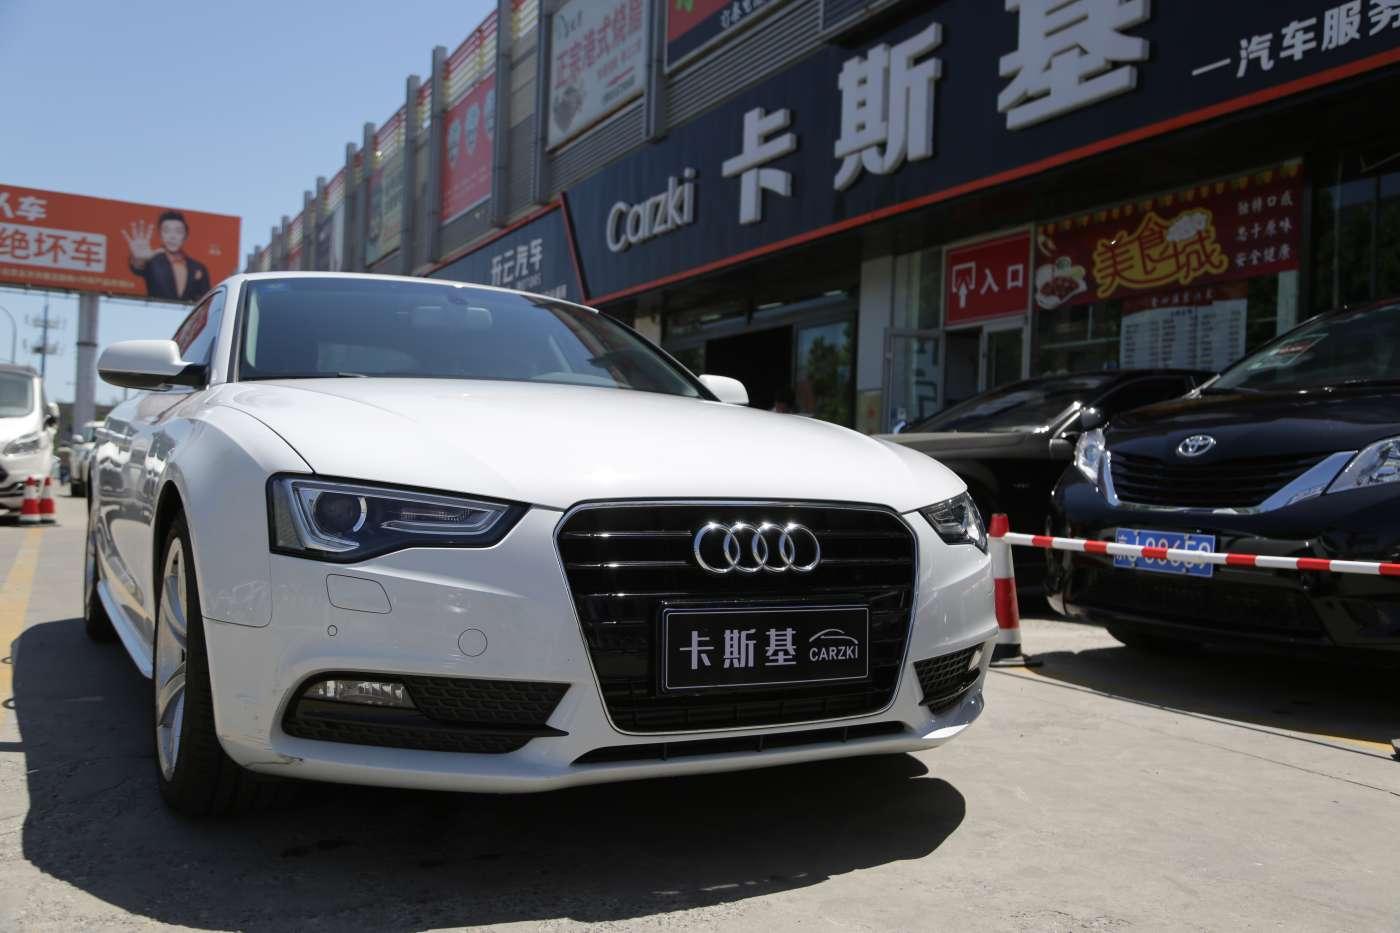 2016年06月 2016款 奥迪A5 Sportback 45 TFSI|甄选奥迪-北京卡斯基汽车服务有限公司